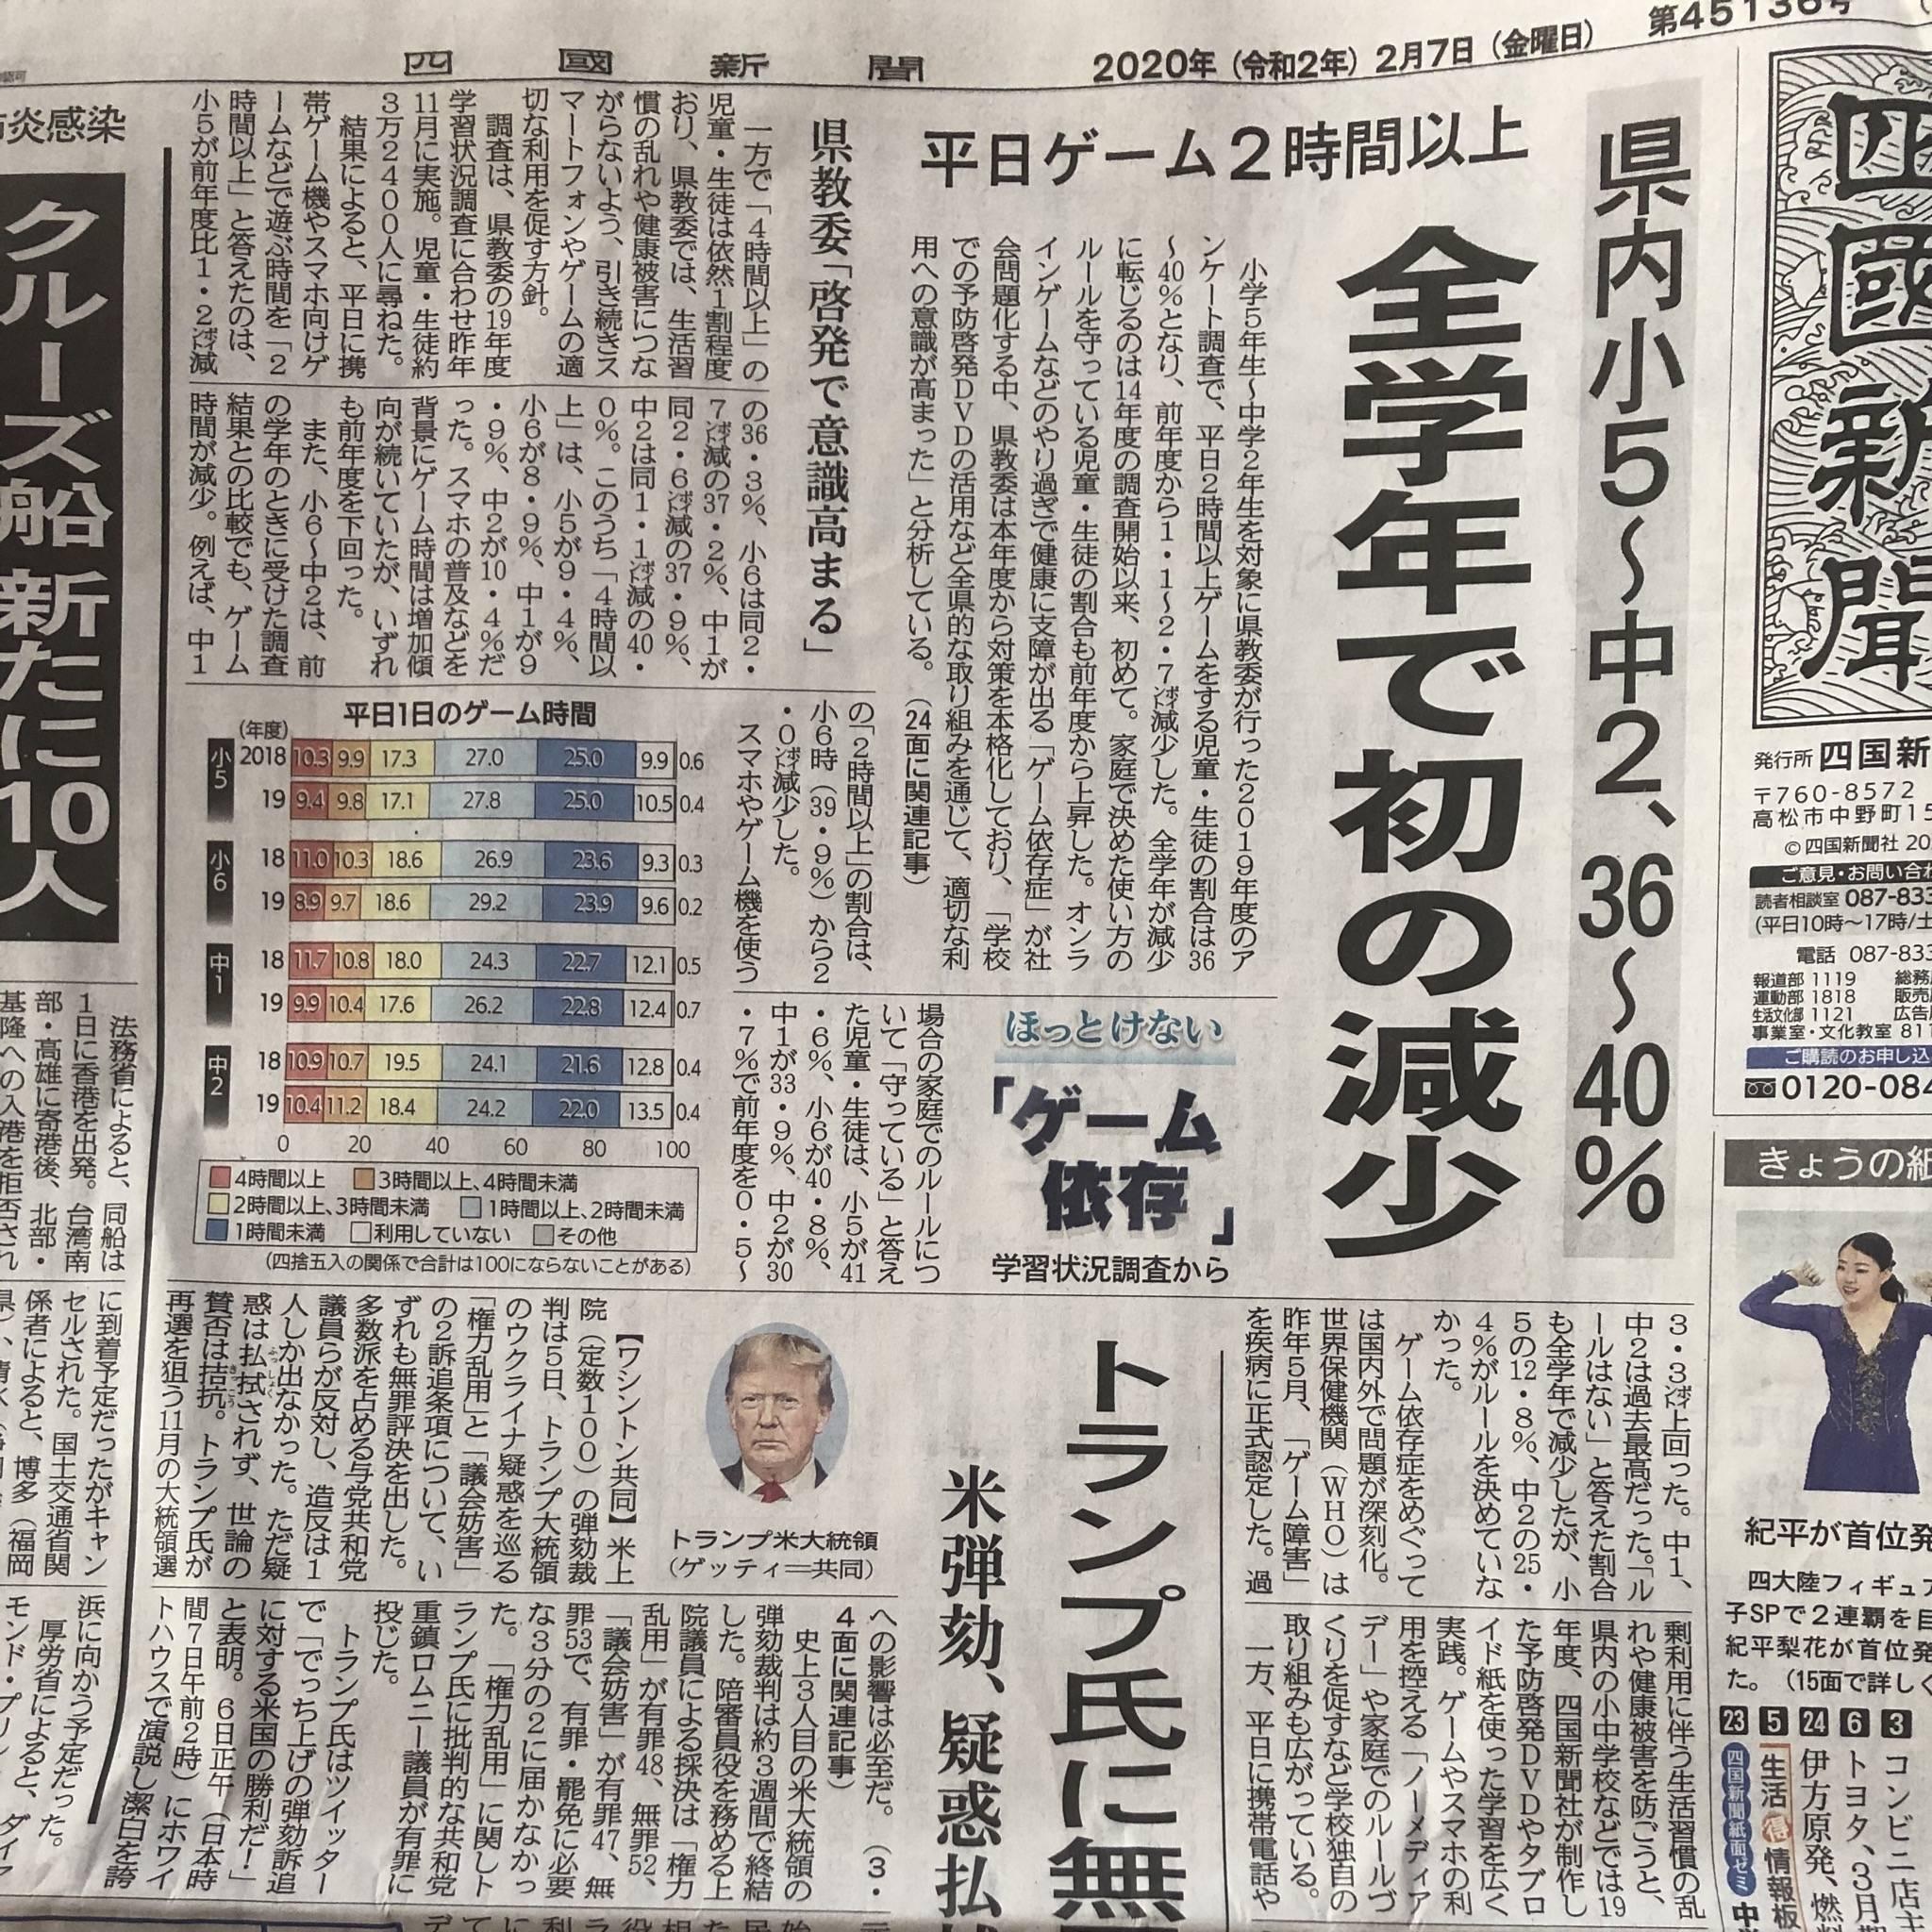 9D5jKEa - 【悲報】香川県のゲーム制限、早くも成果が出てしまう